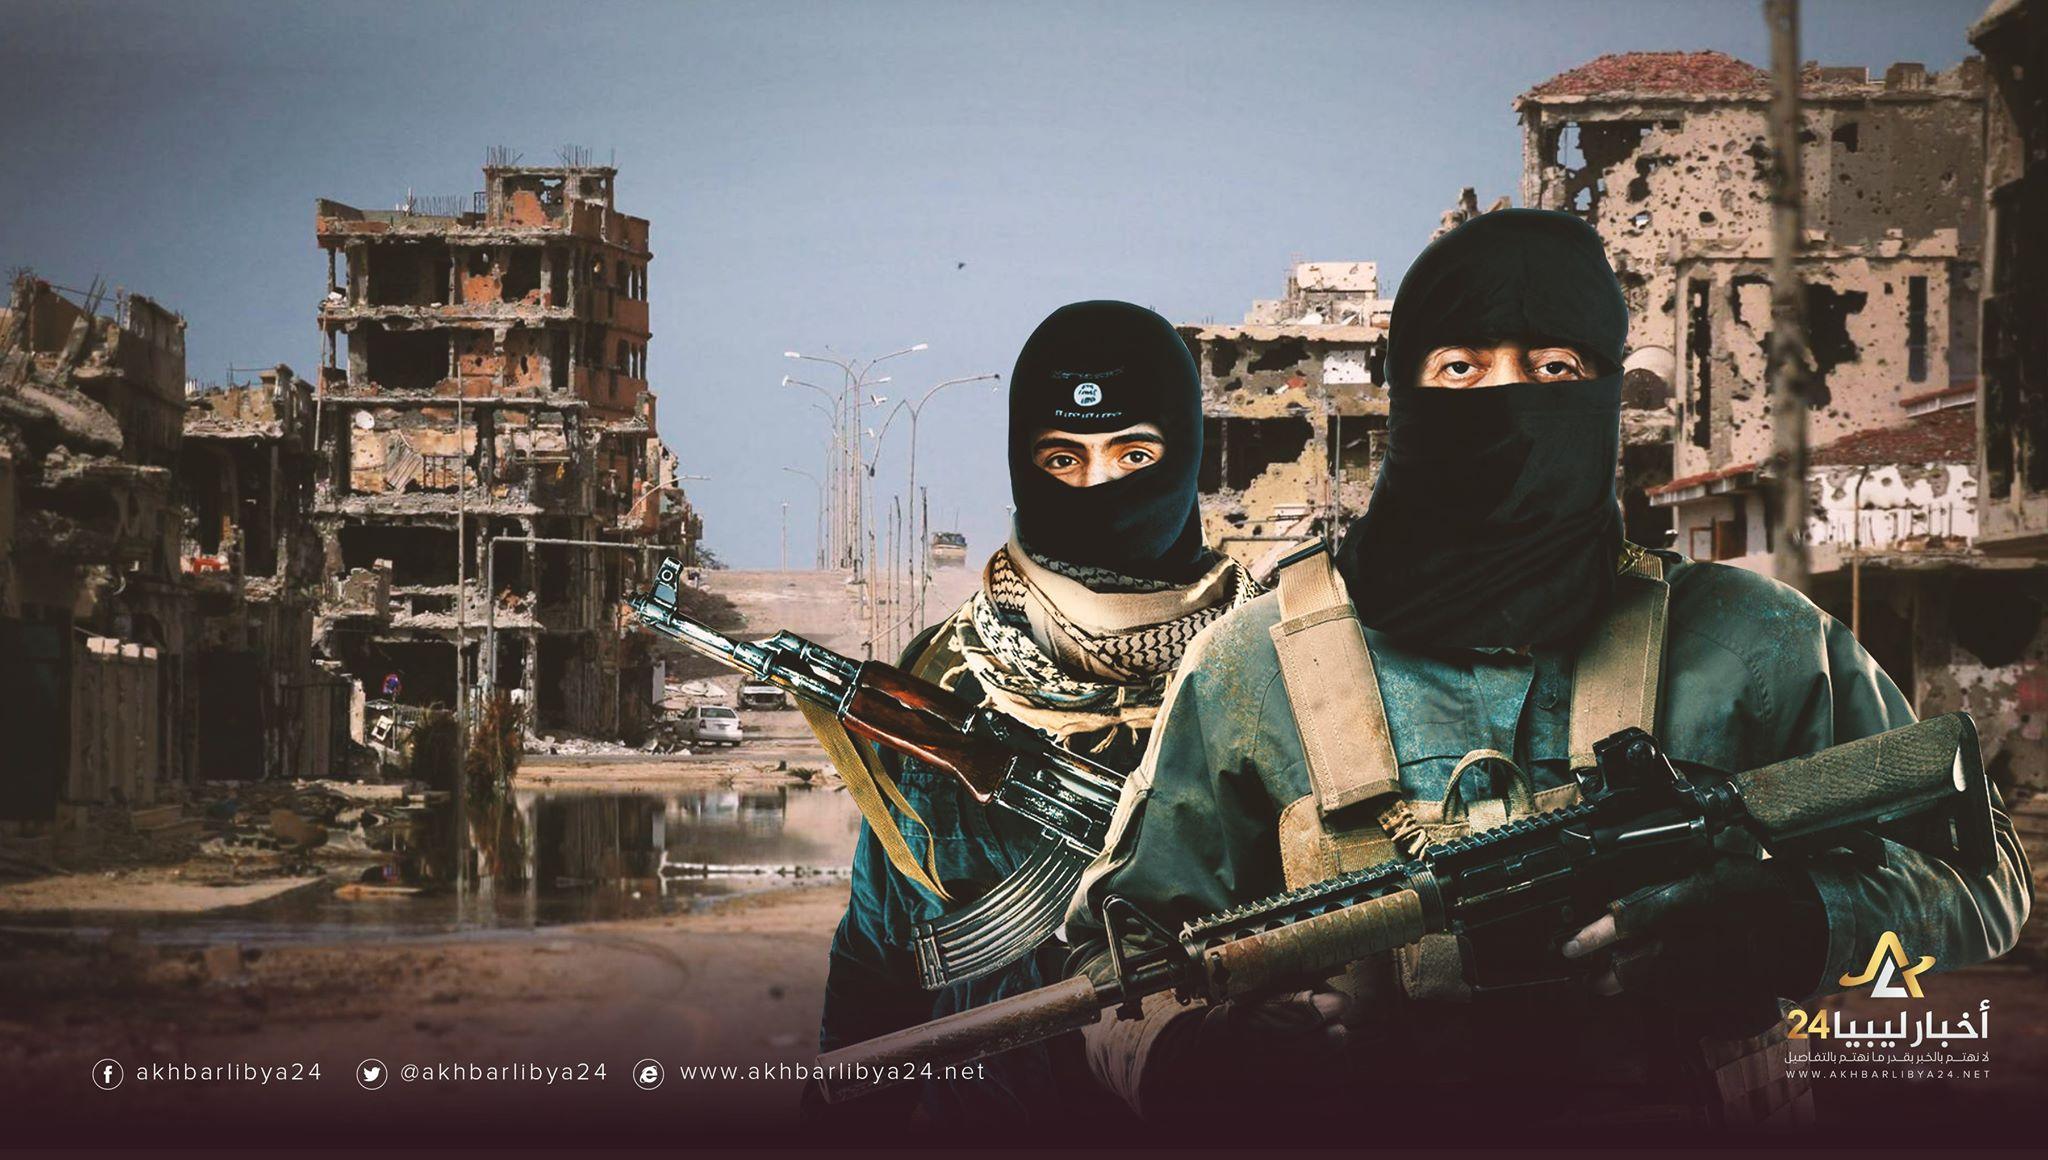 صورة سرت بين ذكريات المآسي الماضية والتهديدات الإرهابية المستقبلية